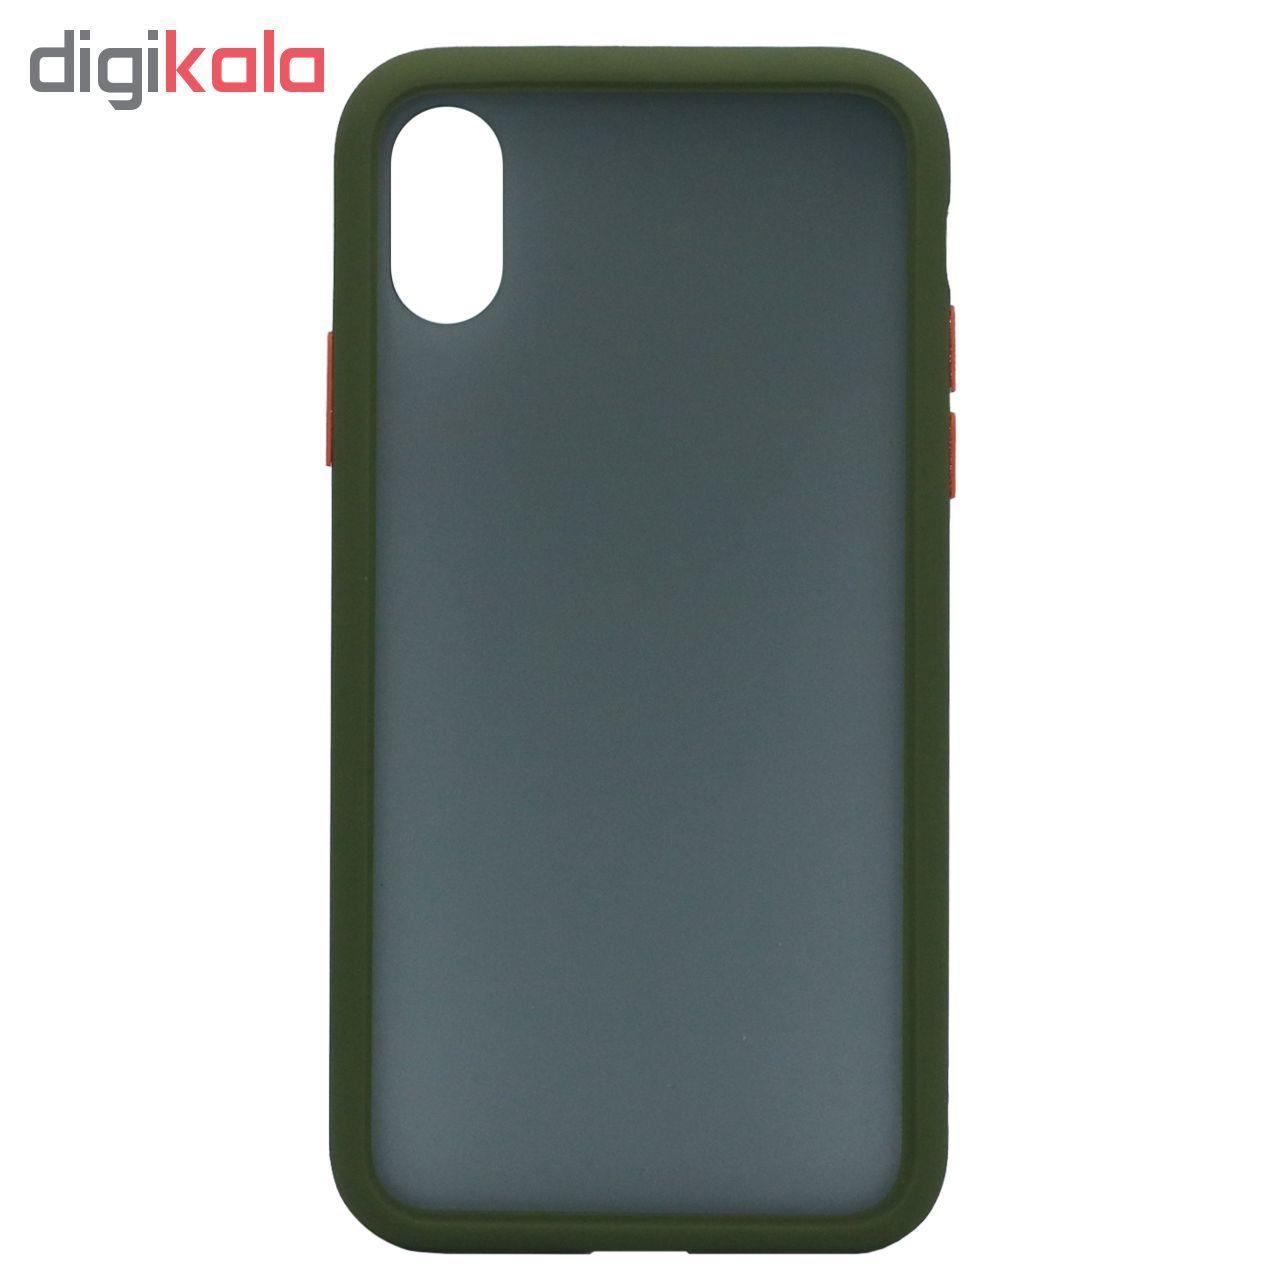 کاور مدل Sb-001 مناسب برای گوشی موبایل اپل Iphone X / Xs  main 1 1